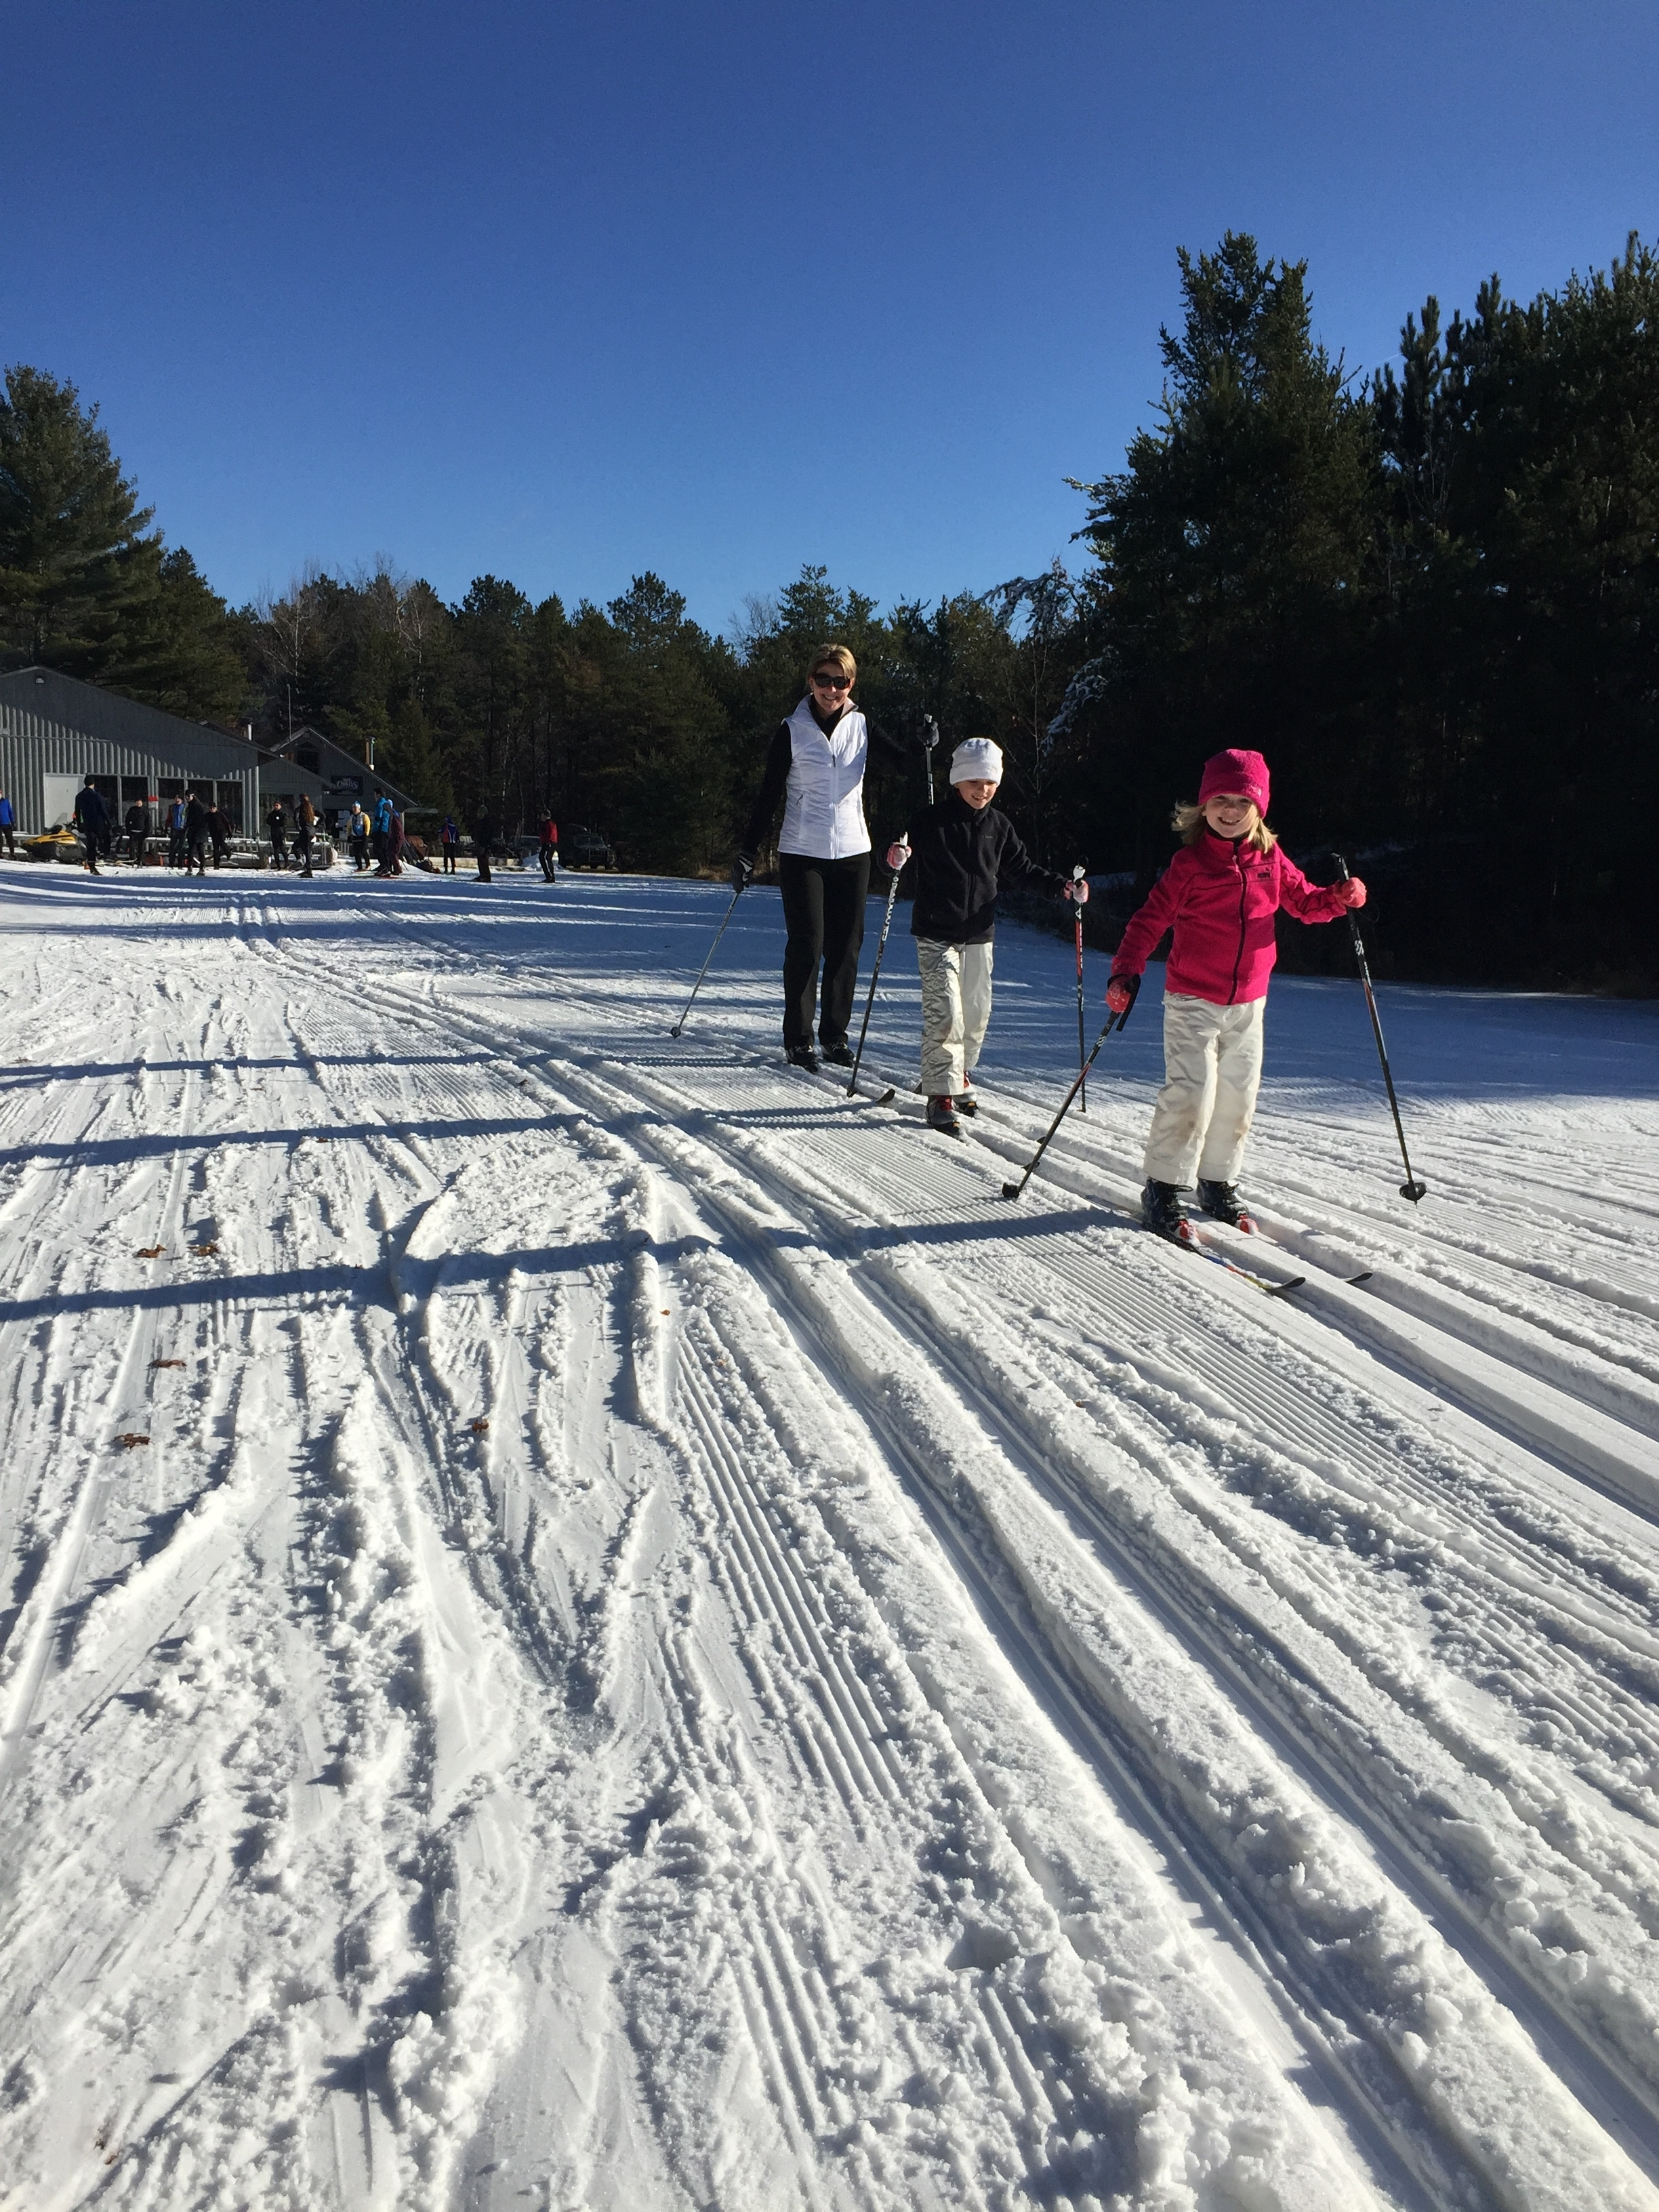 XC Ski Conditions 1/30